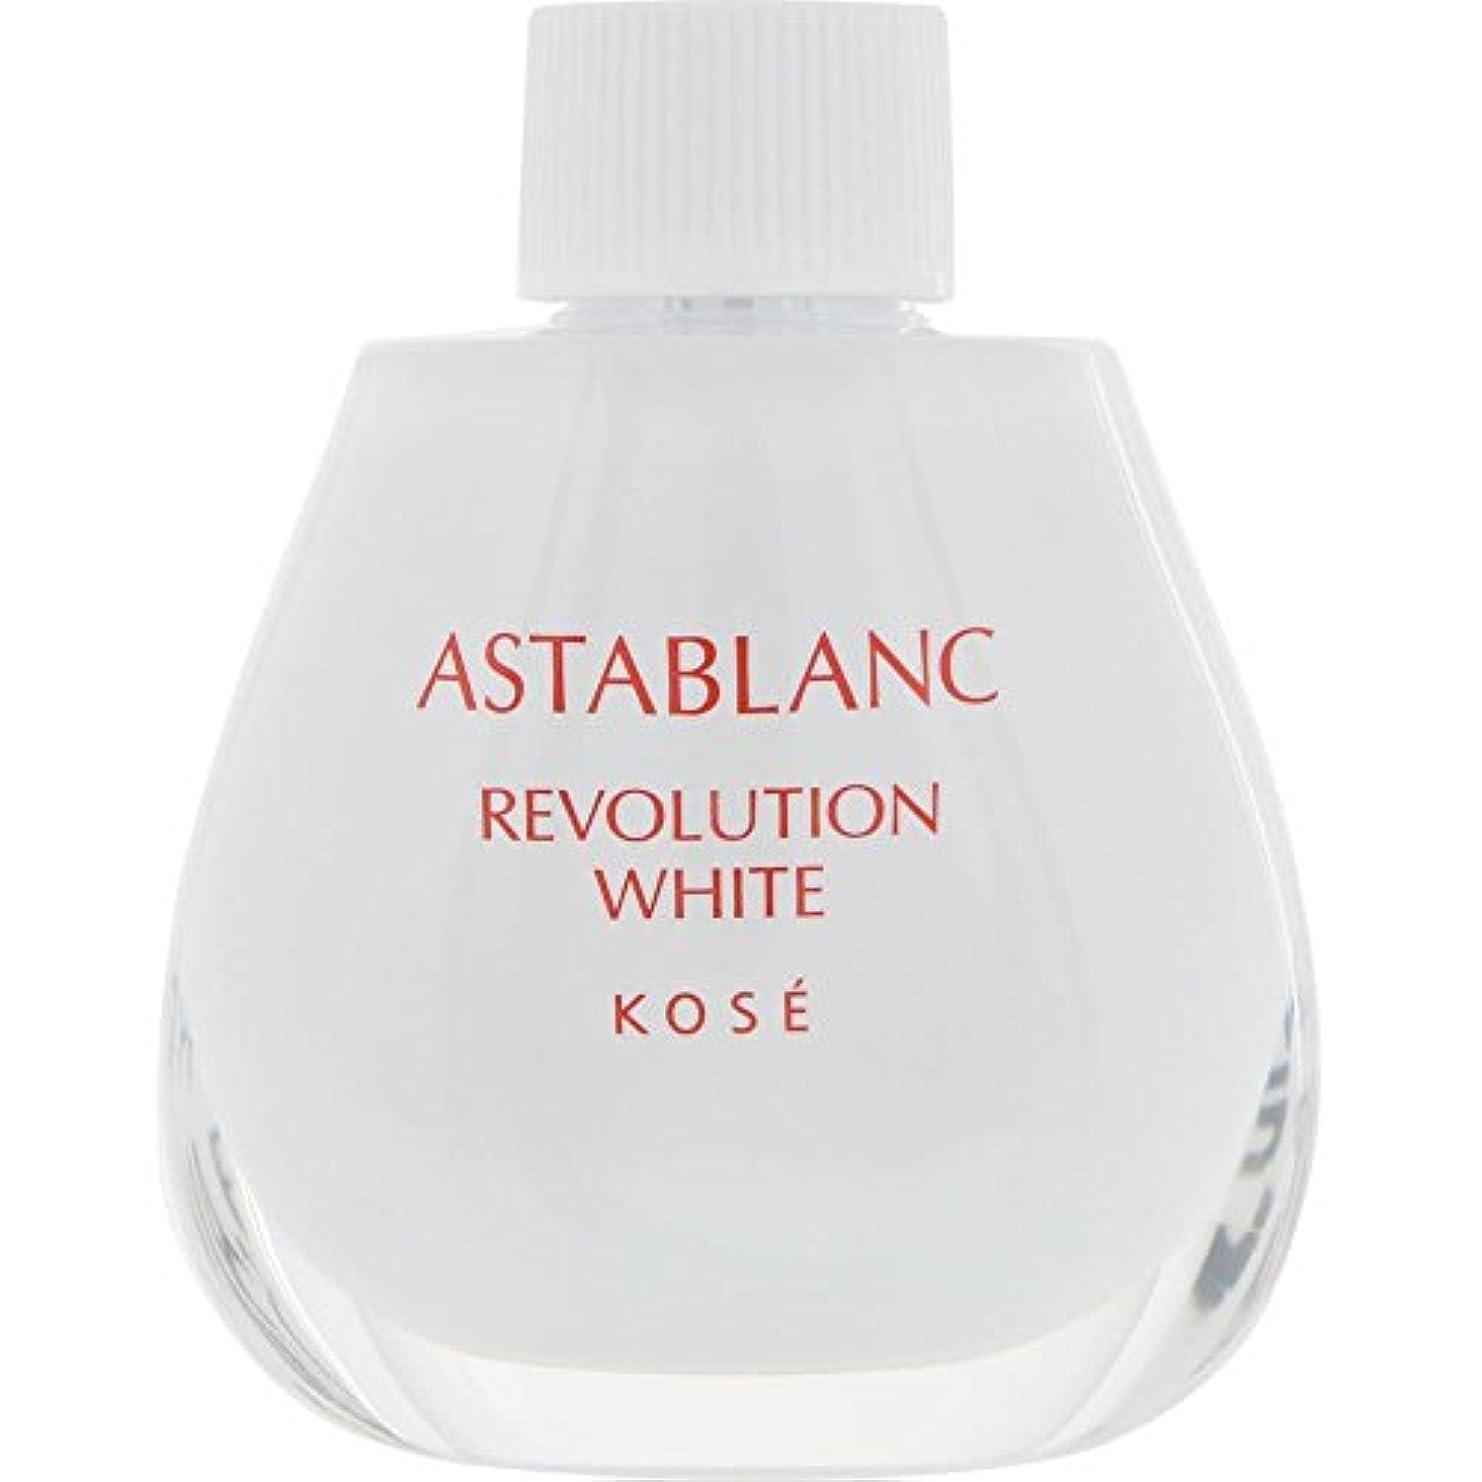 対角線代数的魔法[医薬部外品] アスタブラン レボリューション ホワイト (付けかえ用) 30mL